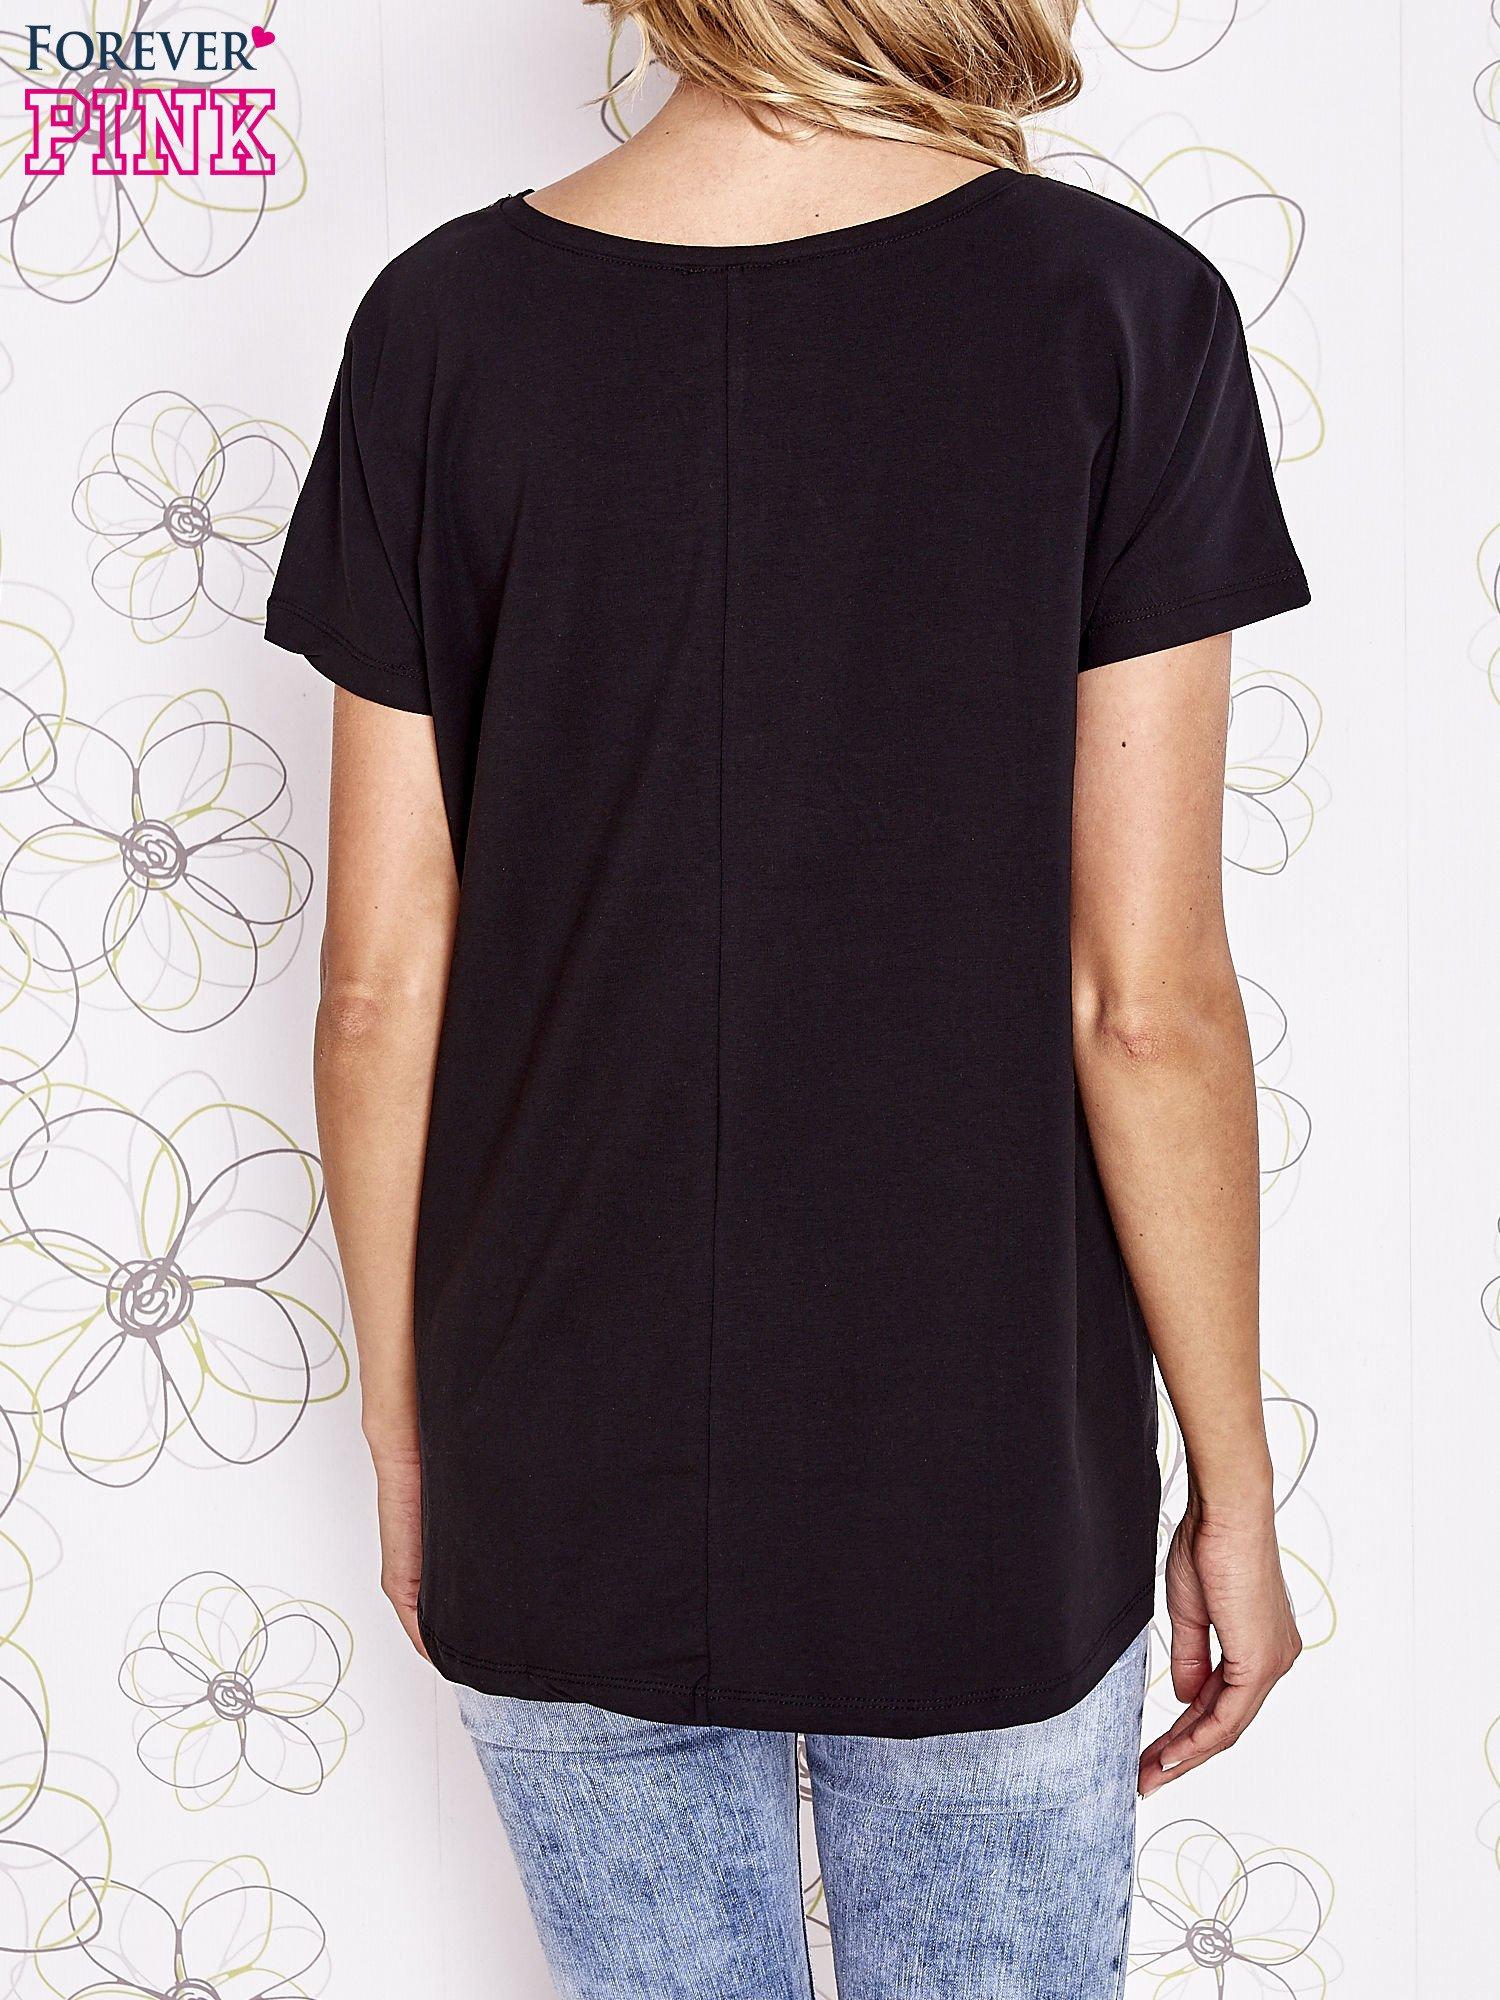 Czarny t-shirt z ozdobnym napisem i kokardą                                  zdj.                                  2